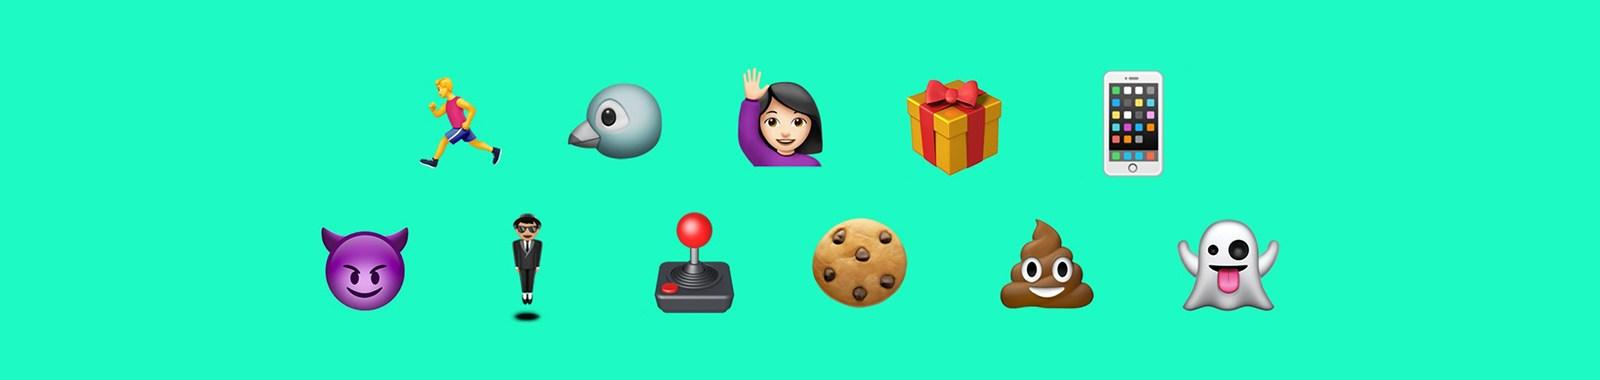 emojis-eye